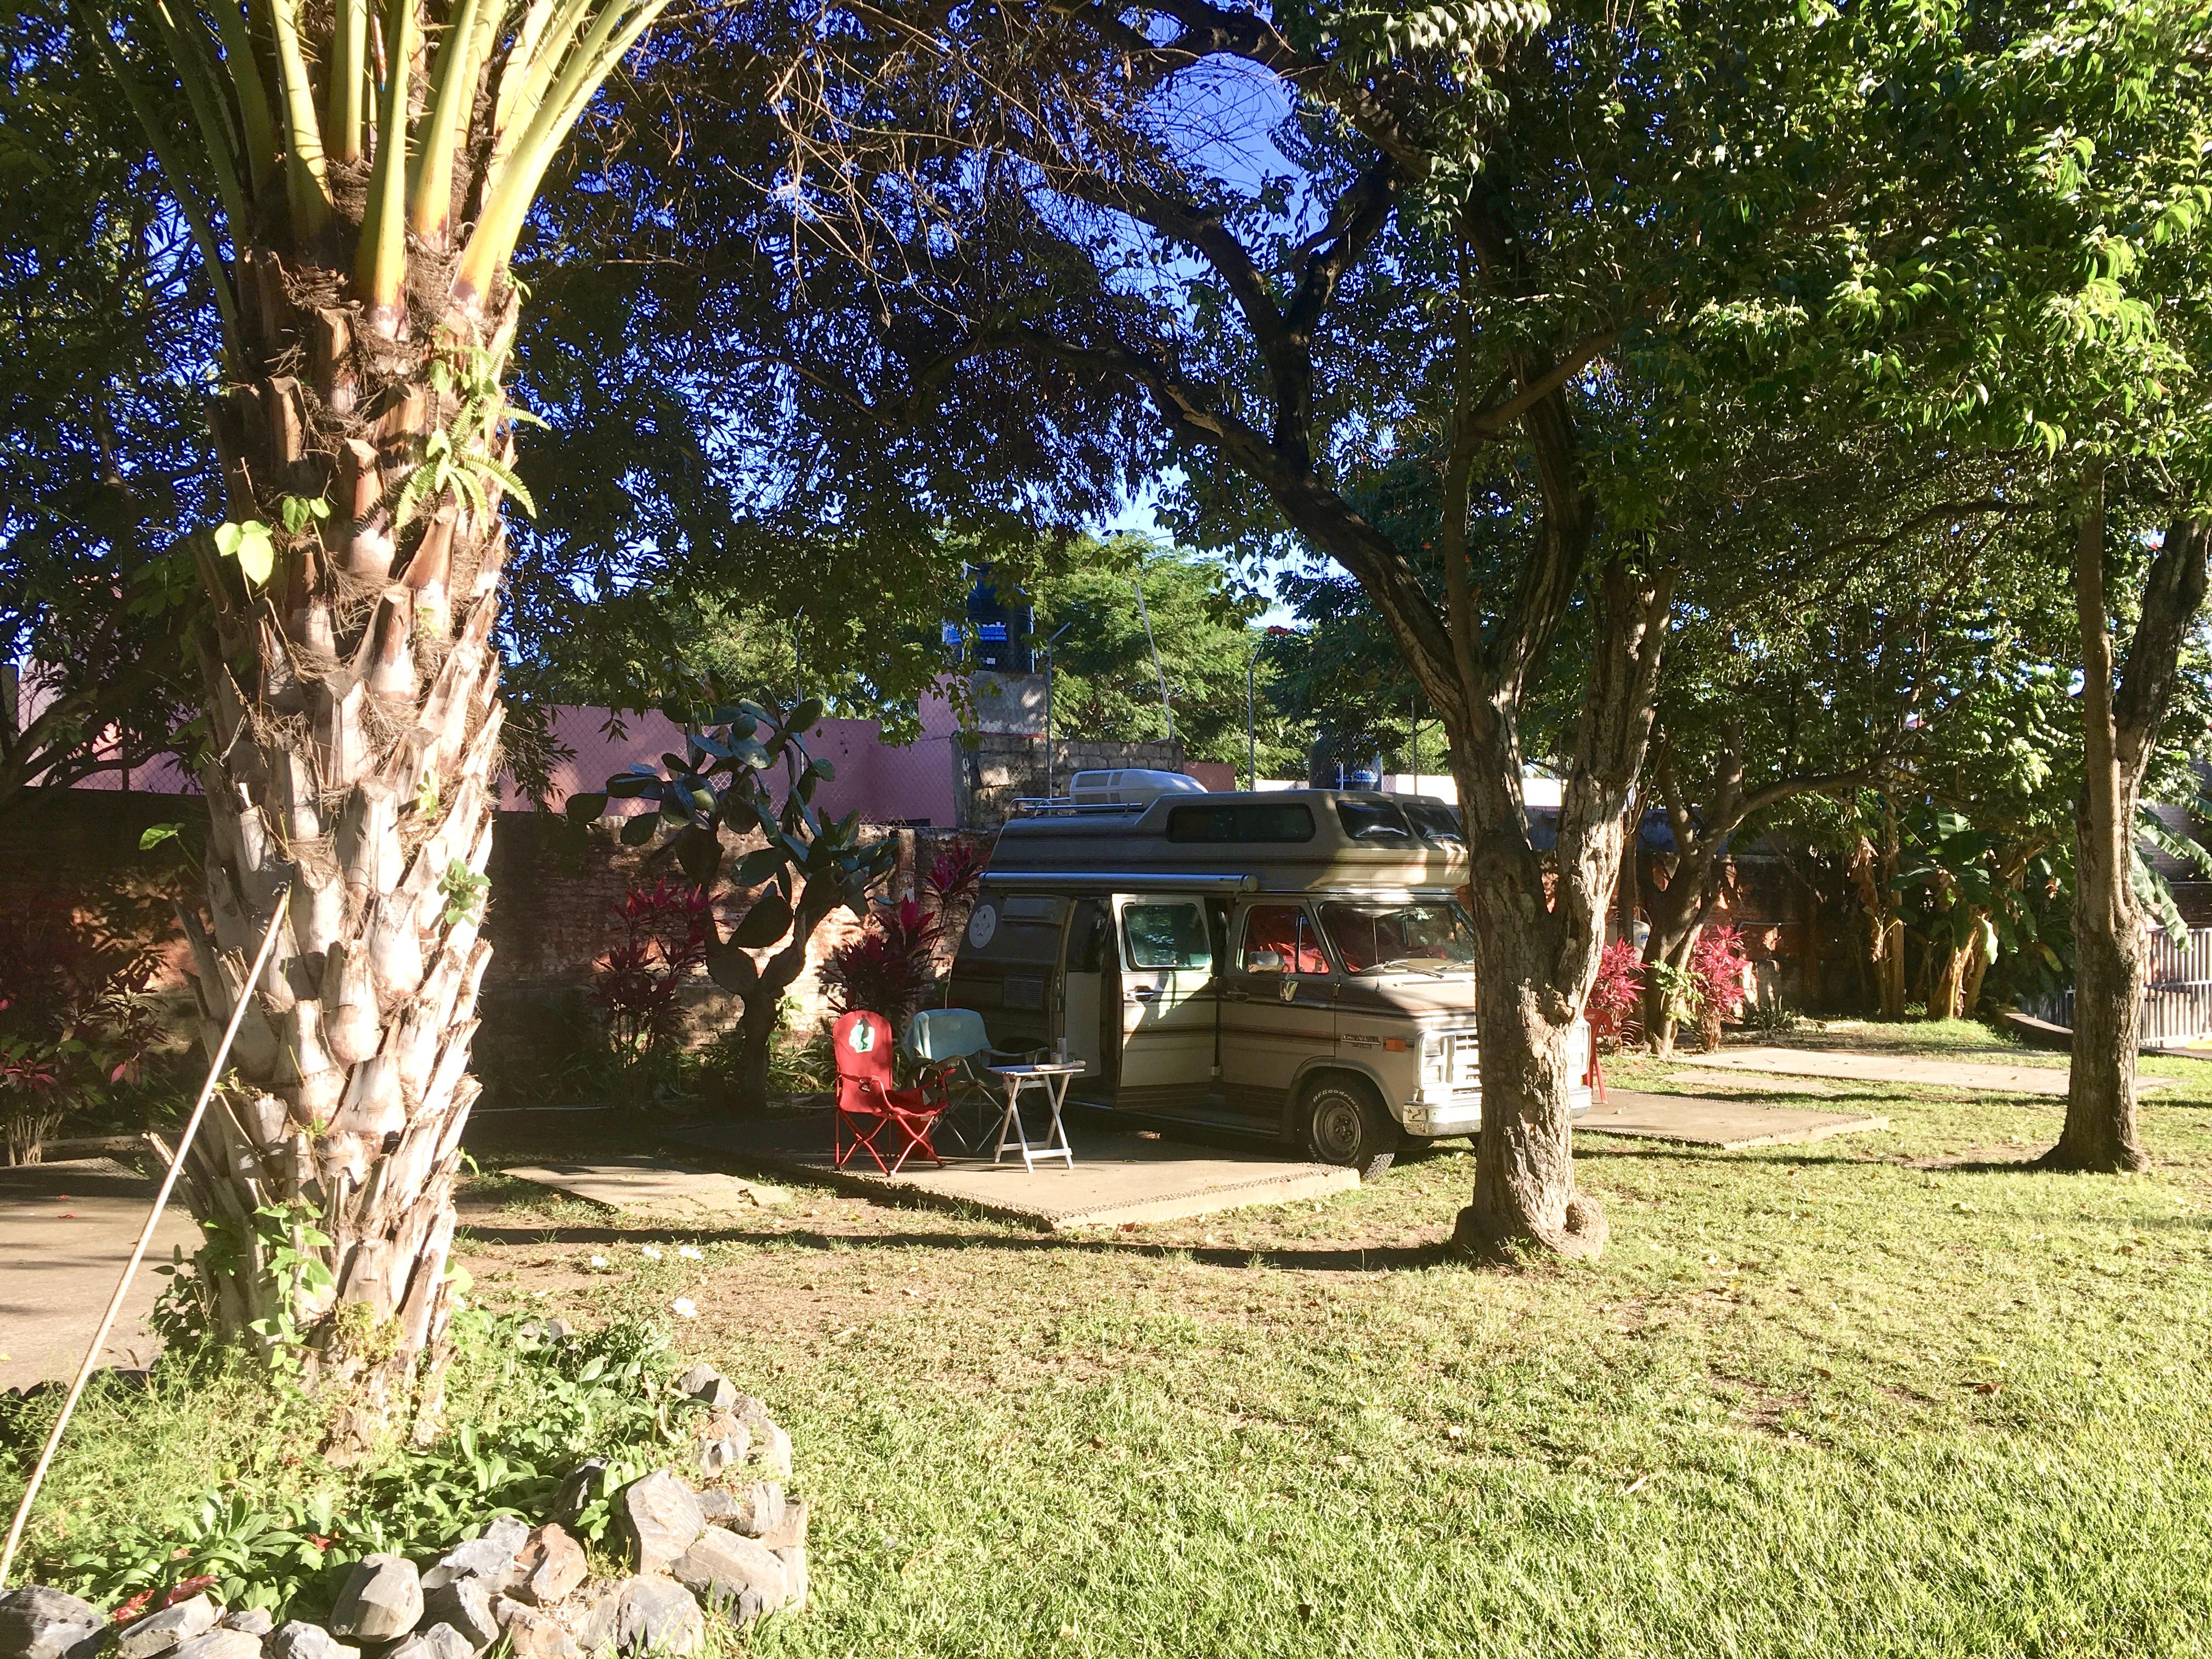 Einer der Campingplätze in Mexiko. Diesen hier hatten wir ganz für uns alleine.